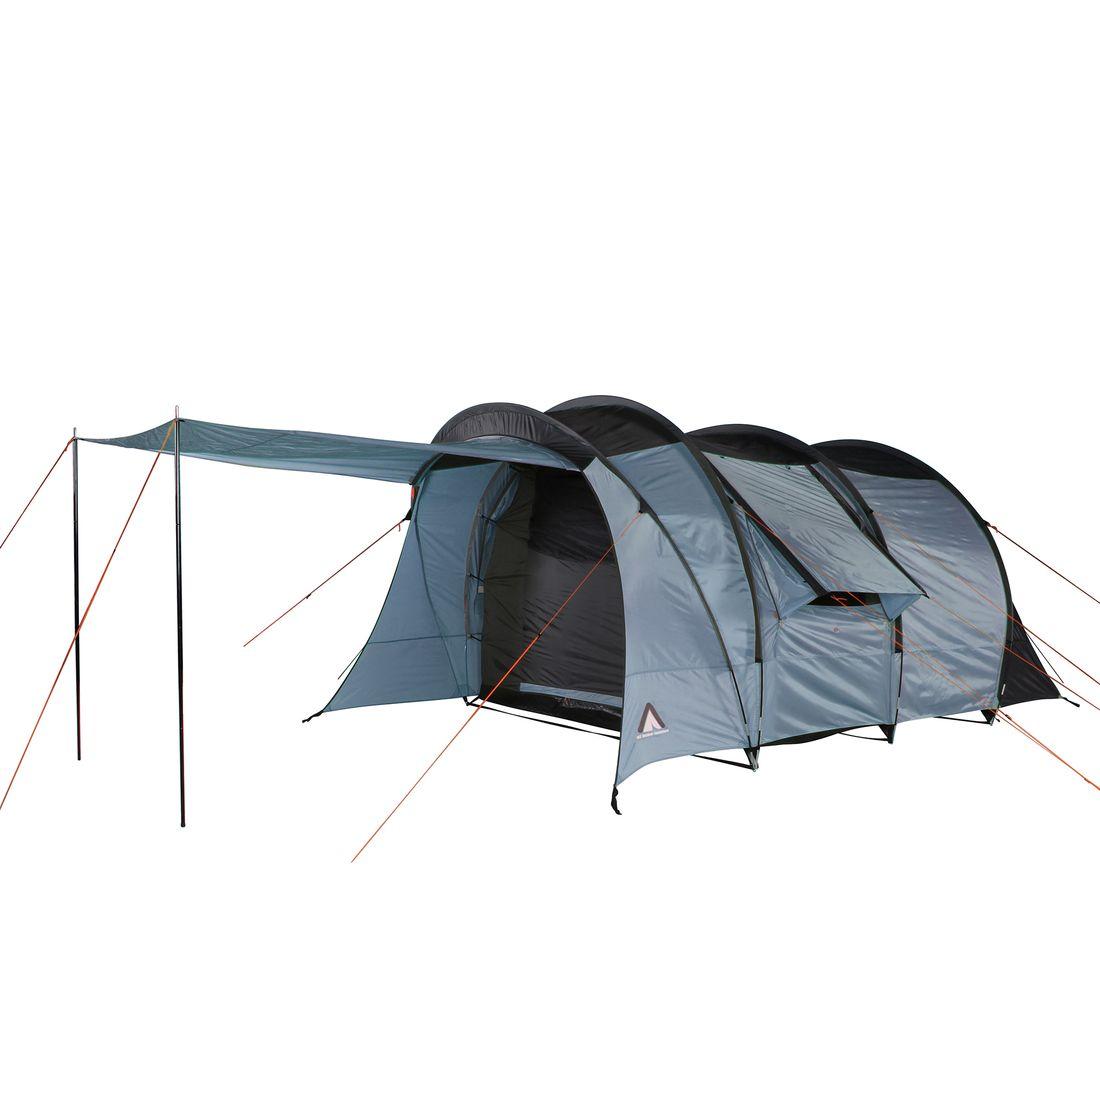 Personnes 4 Tunnel Tente Paris Avec Achetez 10t Camping vBXw4q